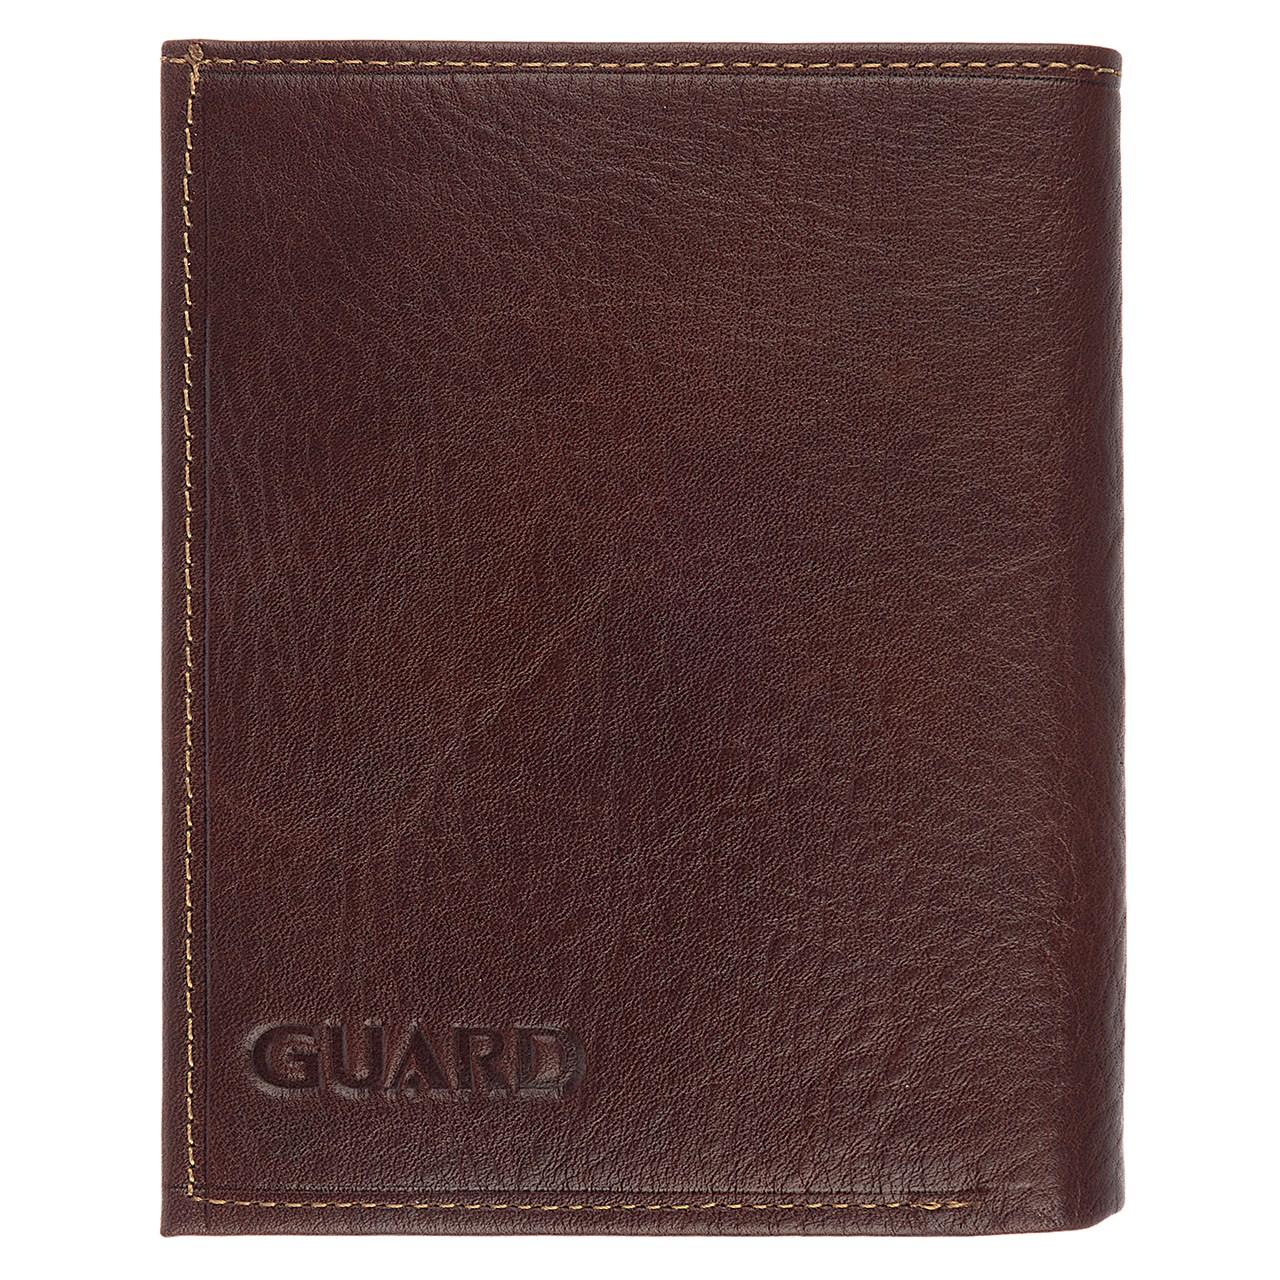 کیف پول جیبی چرمی گارد مدل Momtaz 1